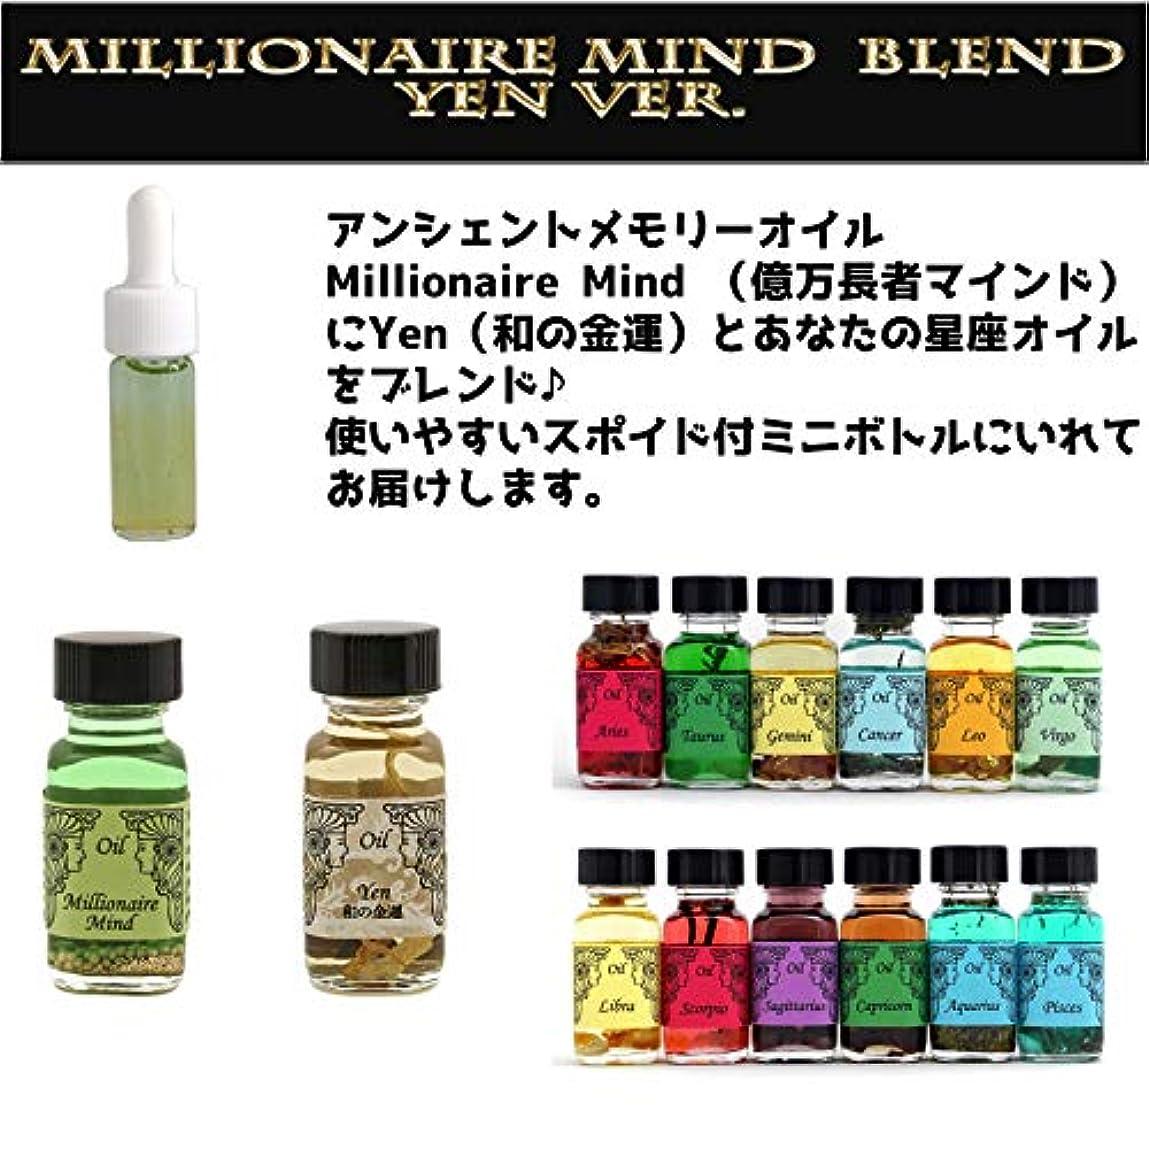 課す雑草薬を飲むアンシェントメモリーオイル Millionaire Mind 億万長者マインド ブレンド【Yen 和の金運&うお座】